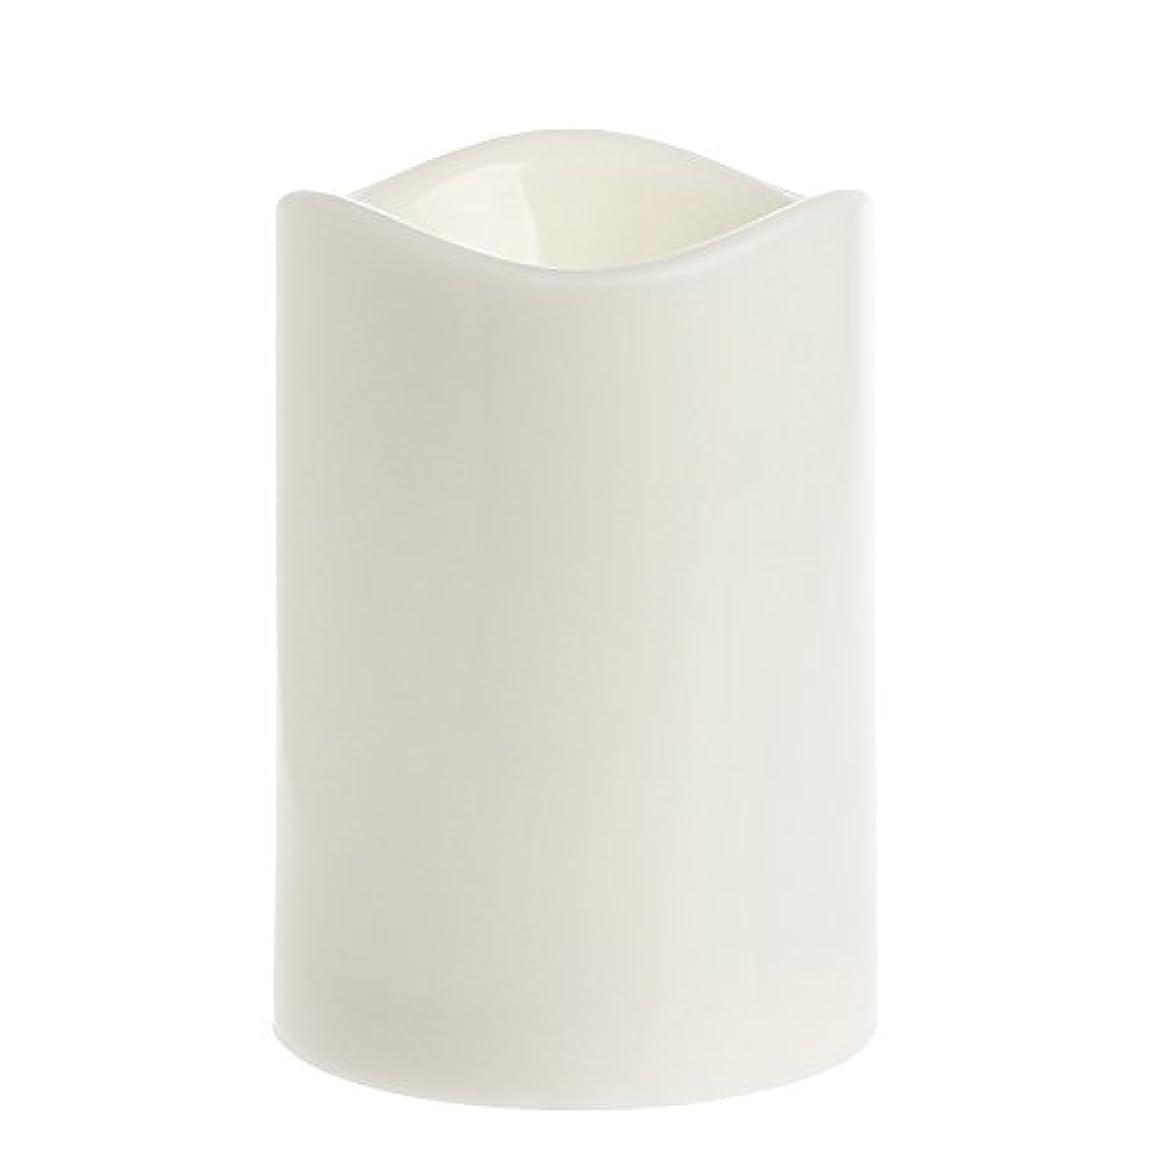 シード電子うまSimpleLife ロマンチックなFlameless LED電子キャンドルライト結婚式の香りワックスホームインテリア13 * 7.5センチメートル